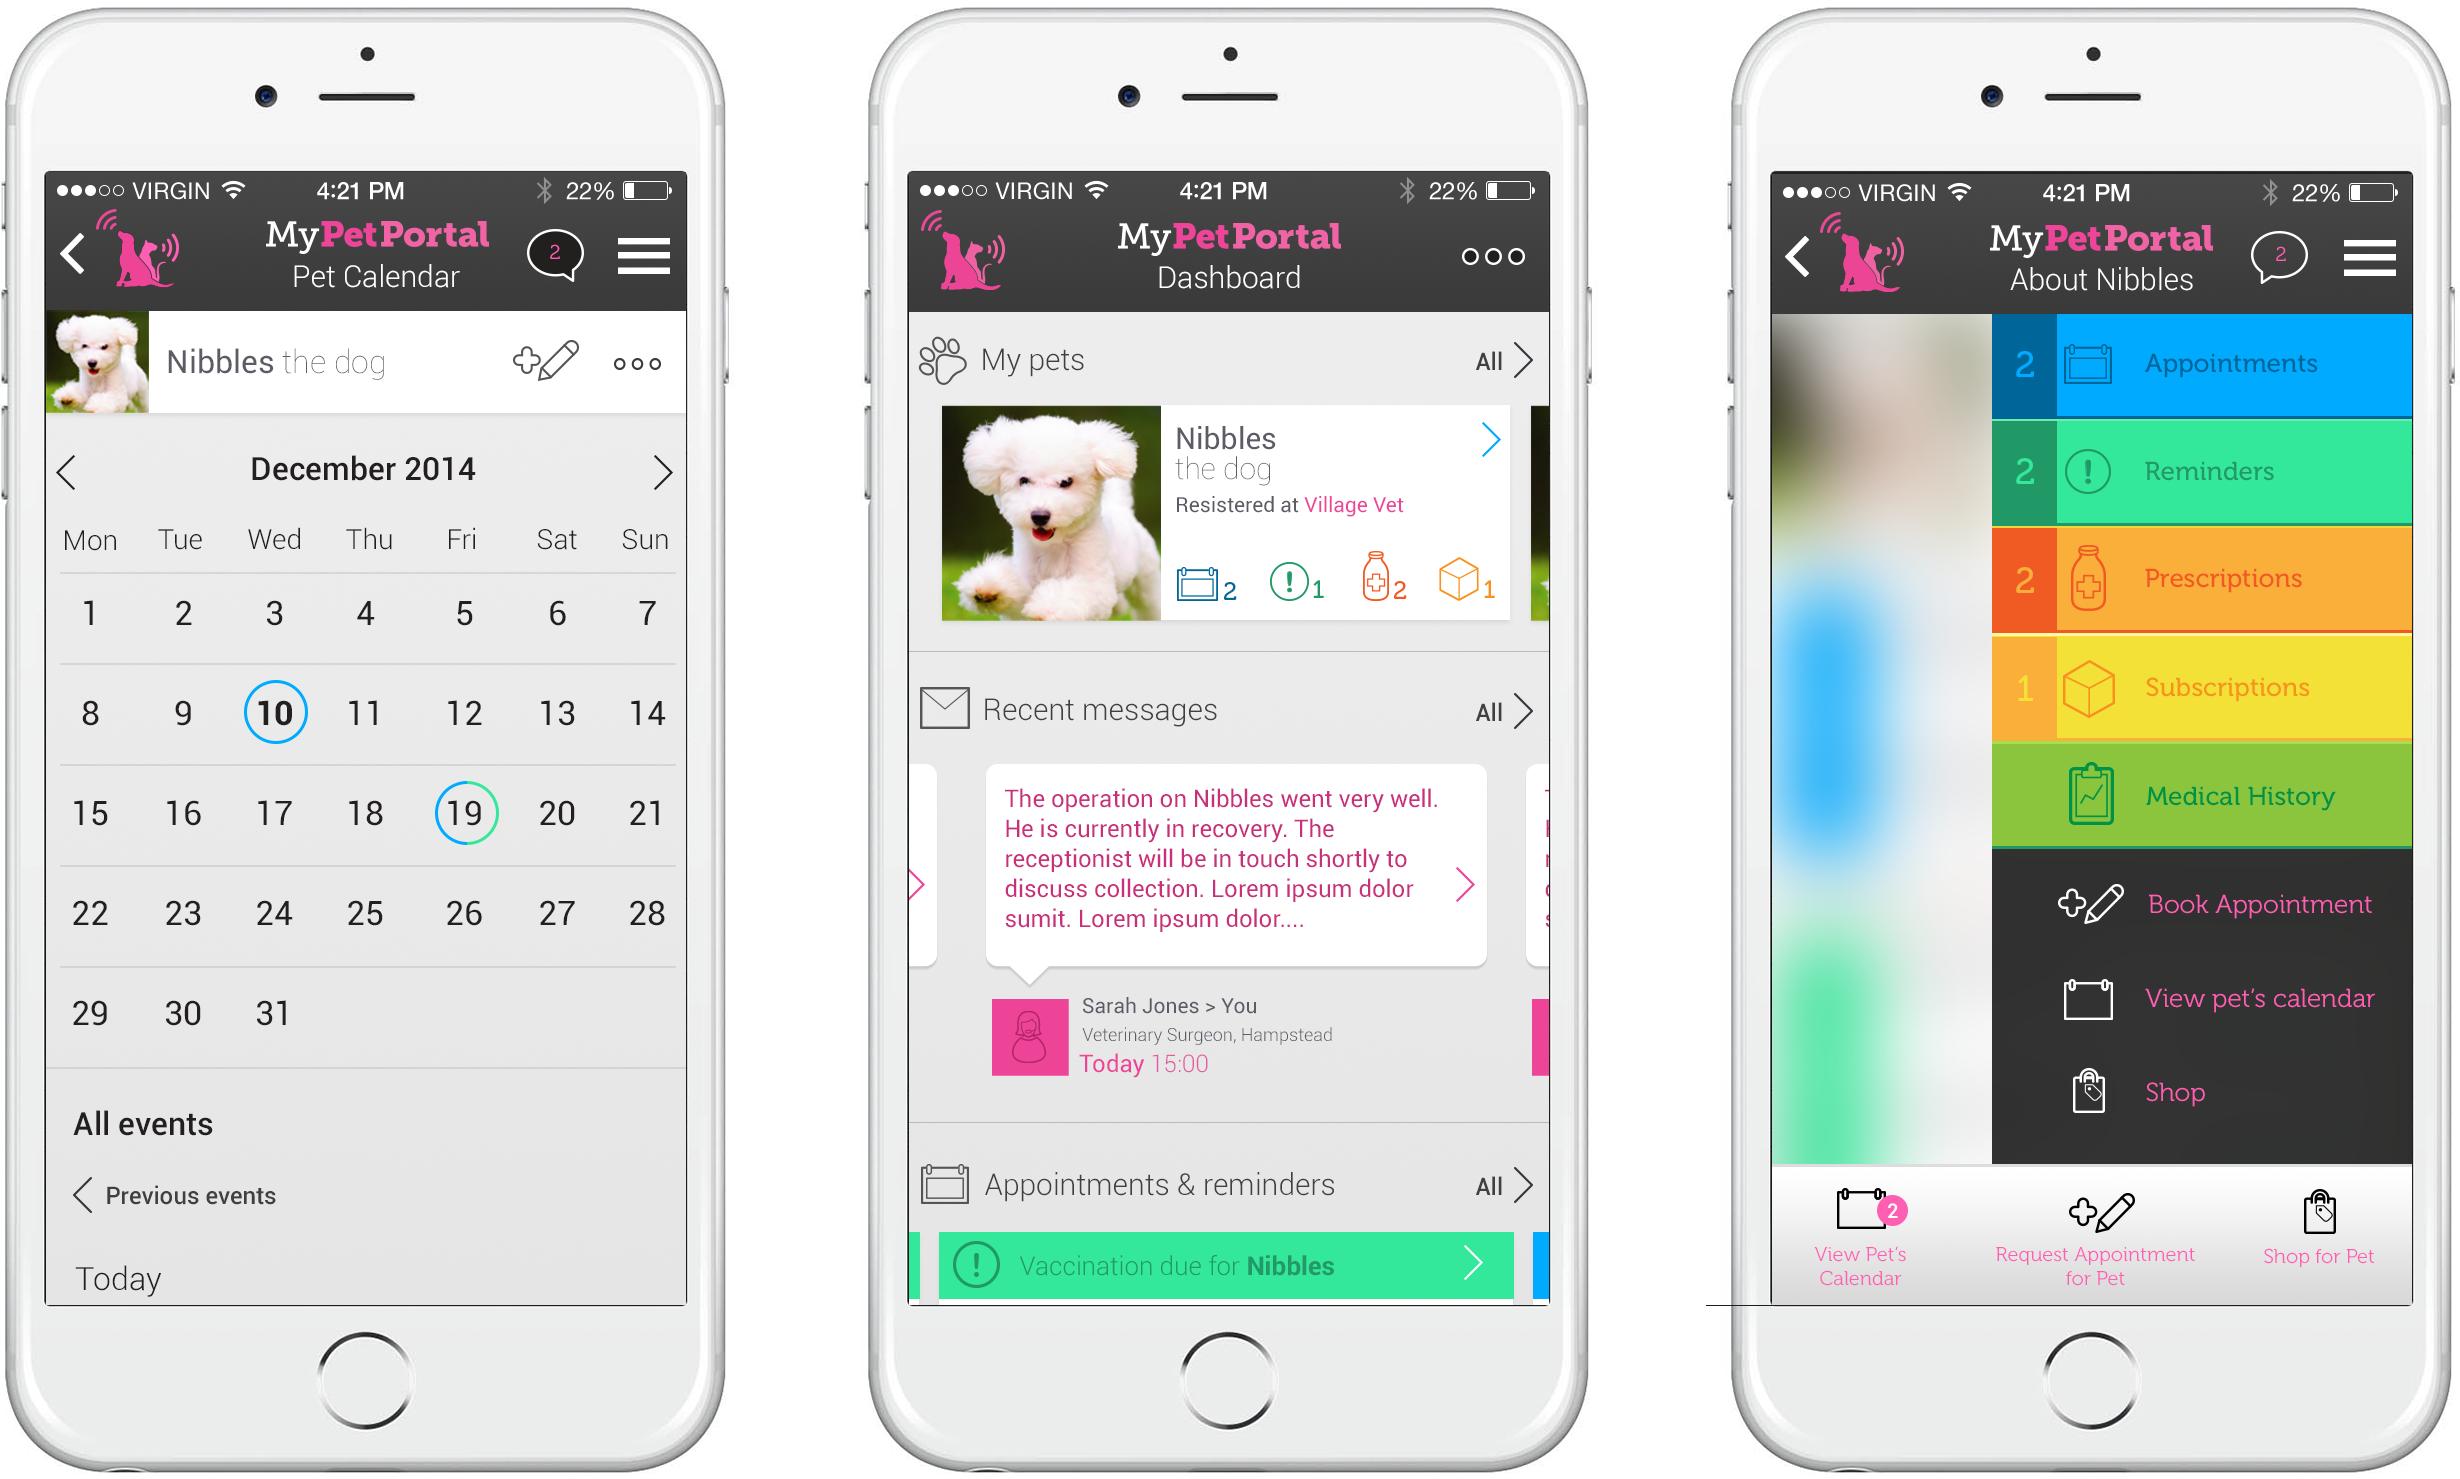 My PetPortal app design